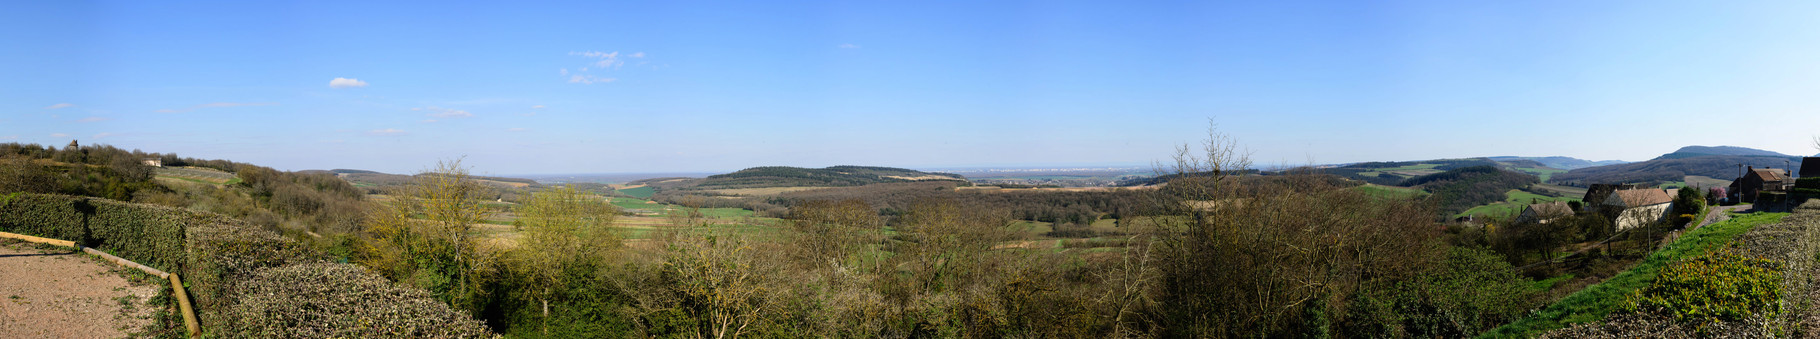 Vue sur Chalon sur Saône depuis la commune d'Aluze. 140°, 9 photographies.